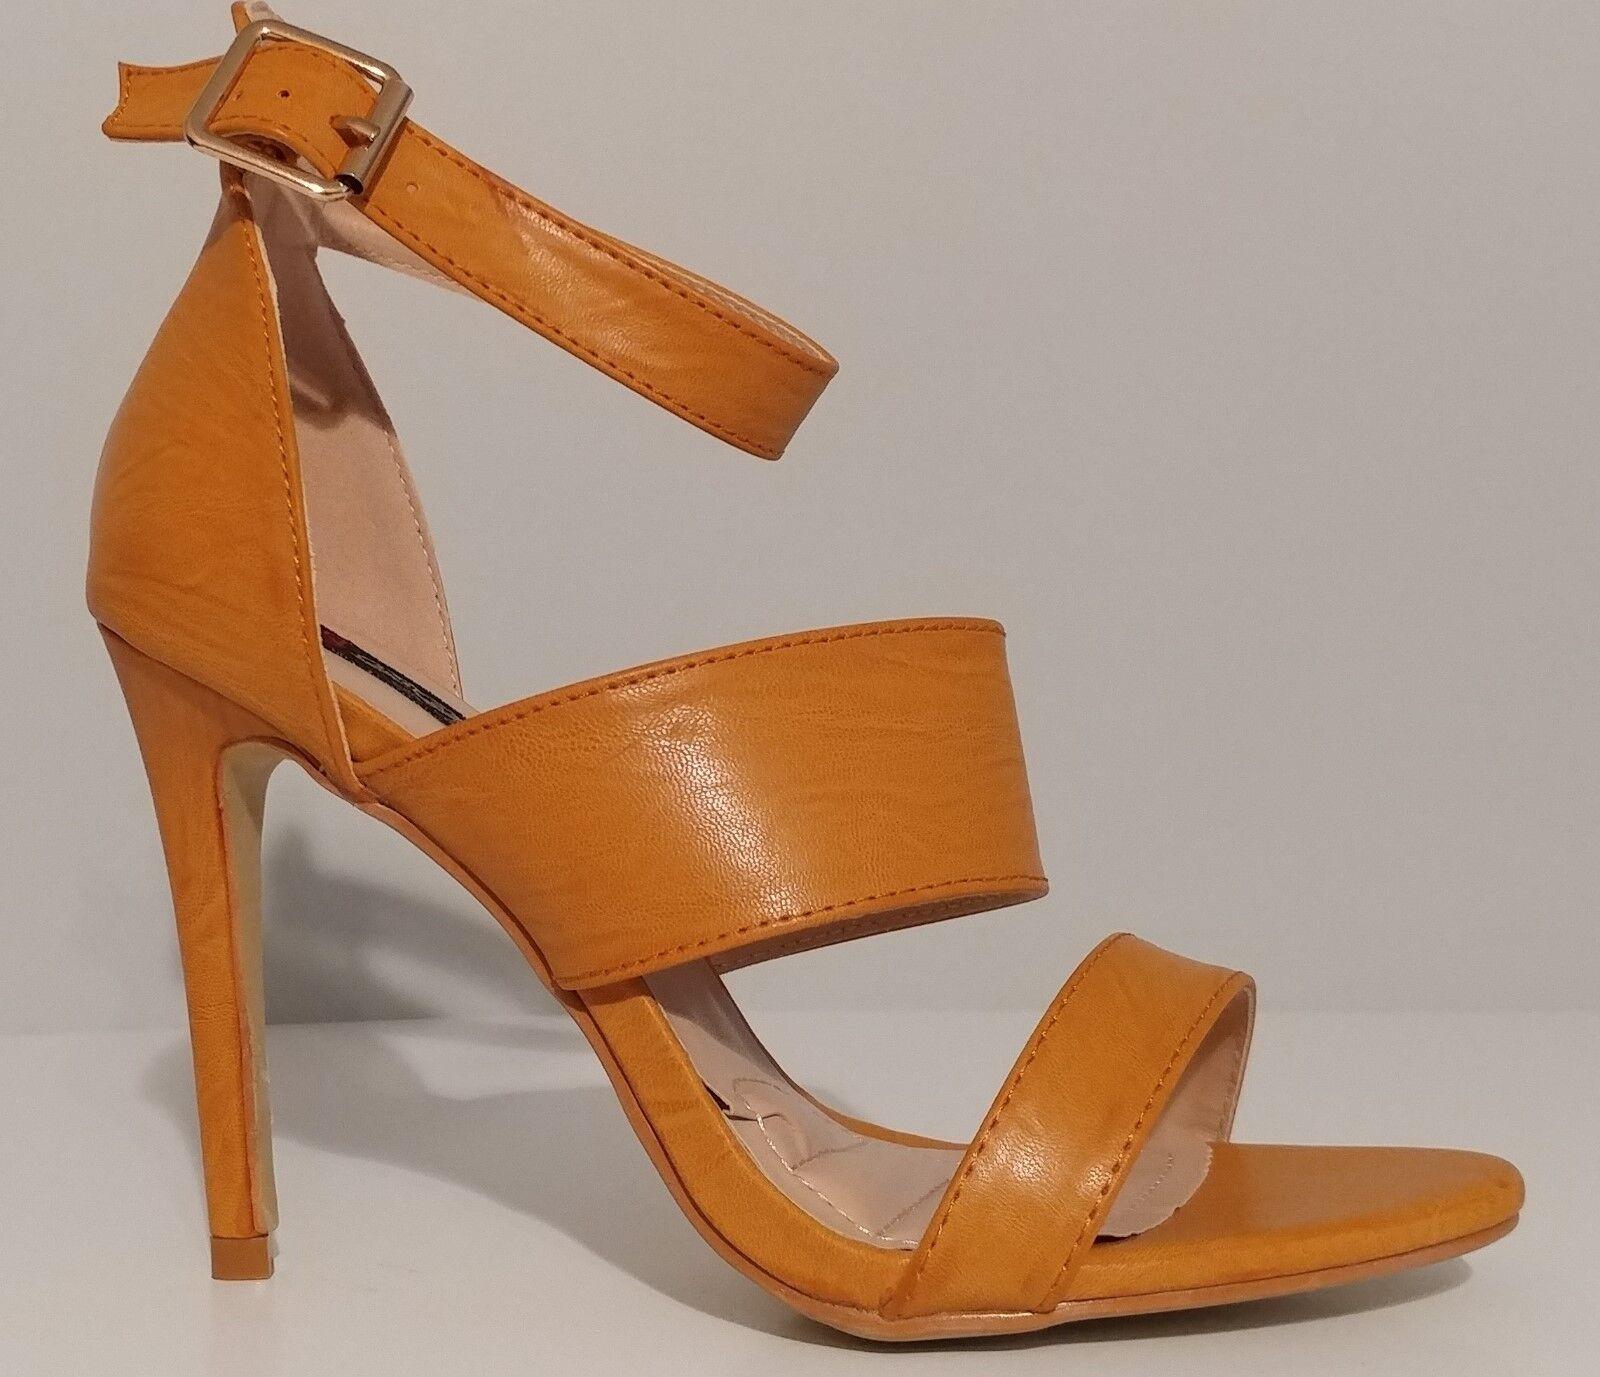 NEW DBDK Heels Fashion Tan Ankle Strap 4  Heels DBDK Sandals Größe 8.5M US 38.5M EUR 425318